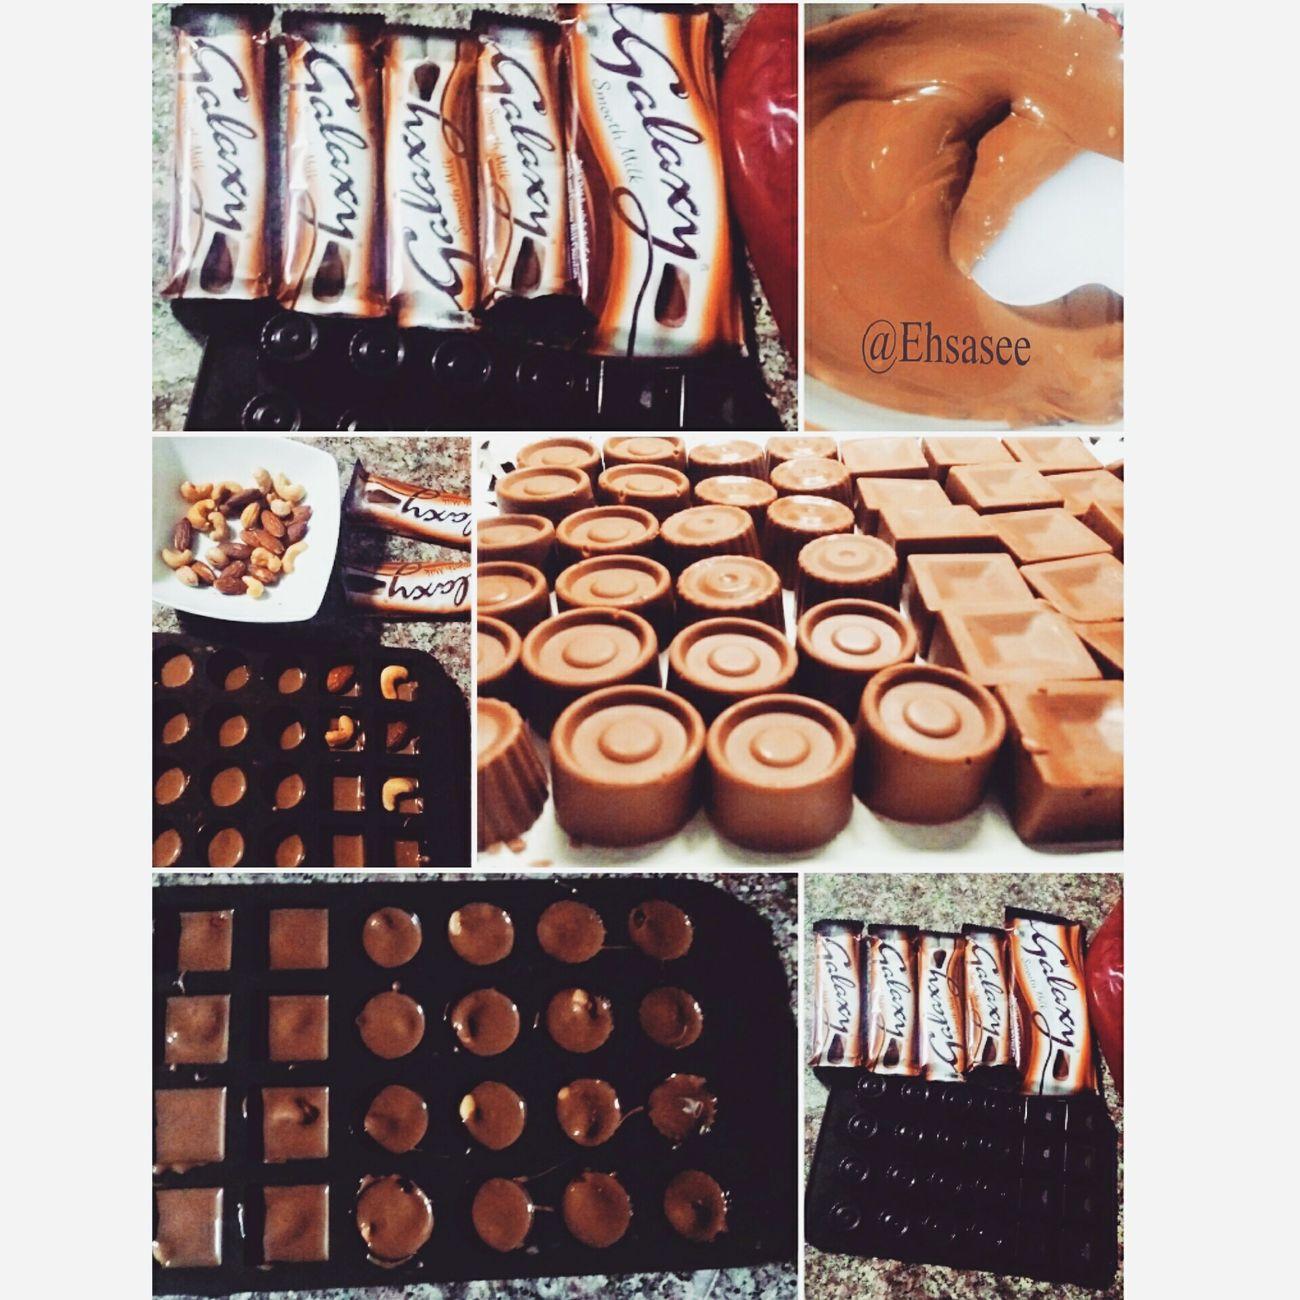 تمبلر_عرب بنات  تمبلريات تمبلر دانبو جمعه تصويري  رمزيات  حلويات حلوى